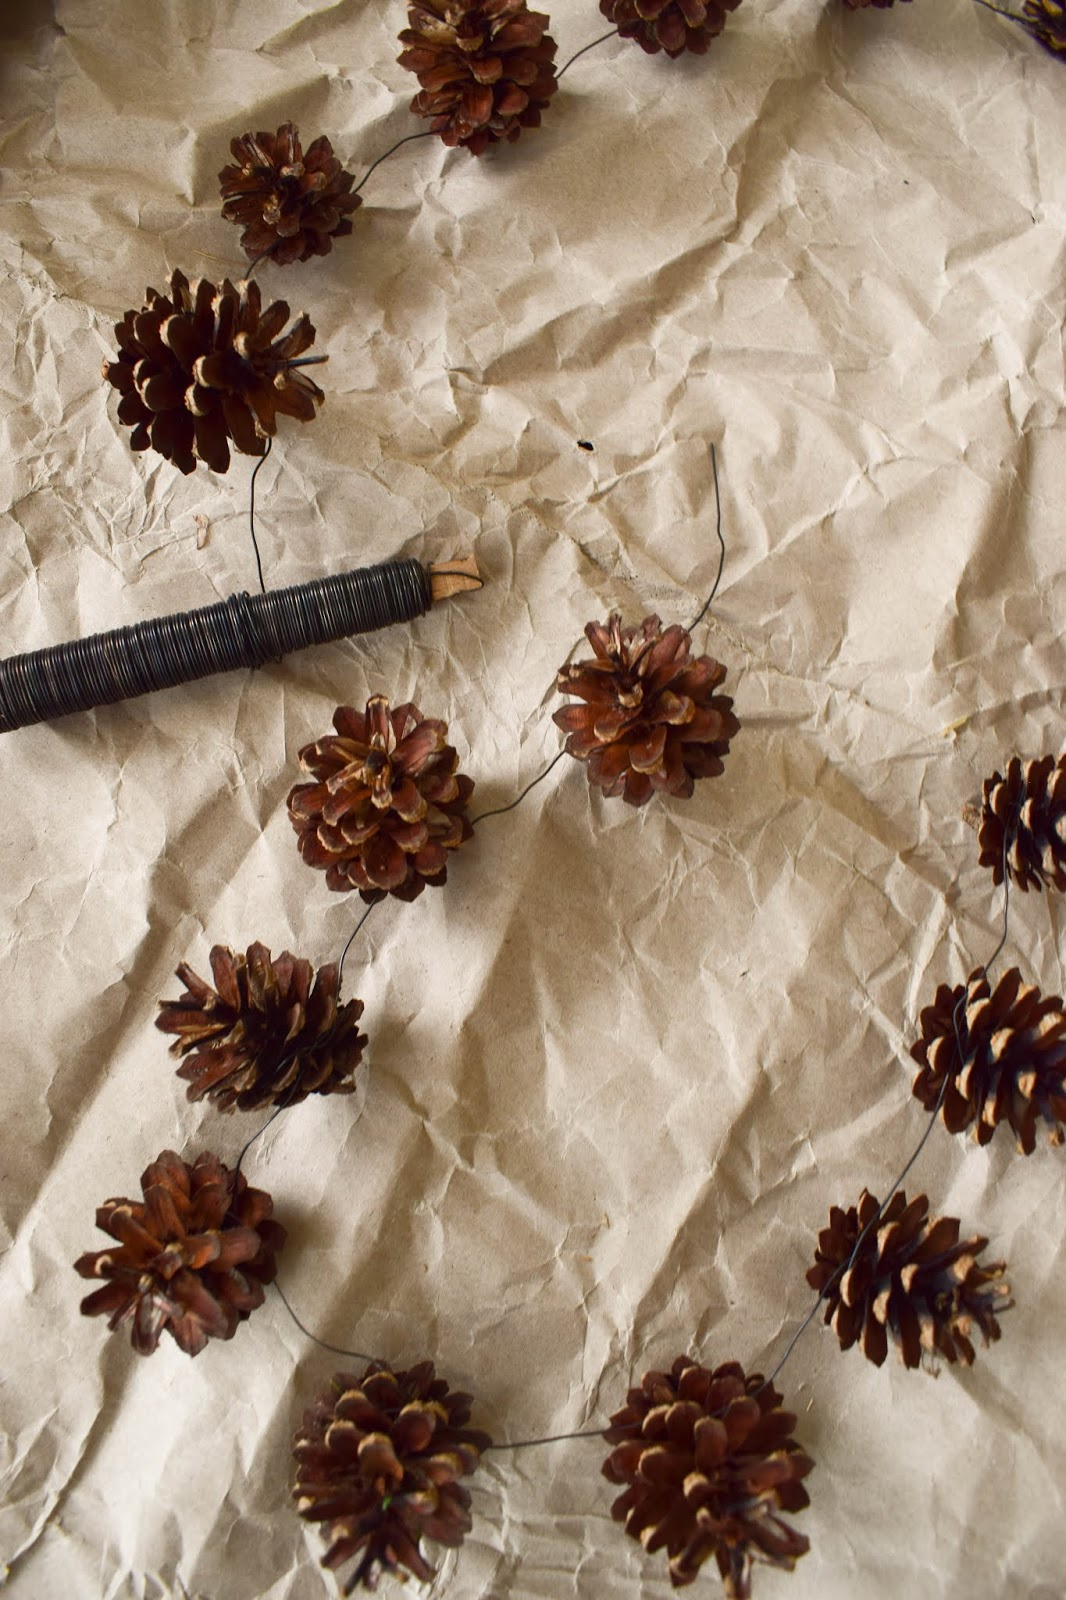 DIY Zapfenkette selbstgemacht Weihnachtsbaum dekorieren Weihnachtsbaumschmuck basteln ganz natürlich aus Zapfen